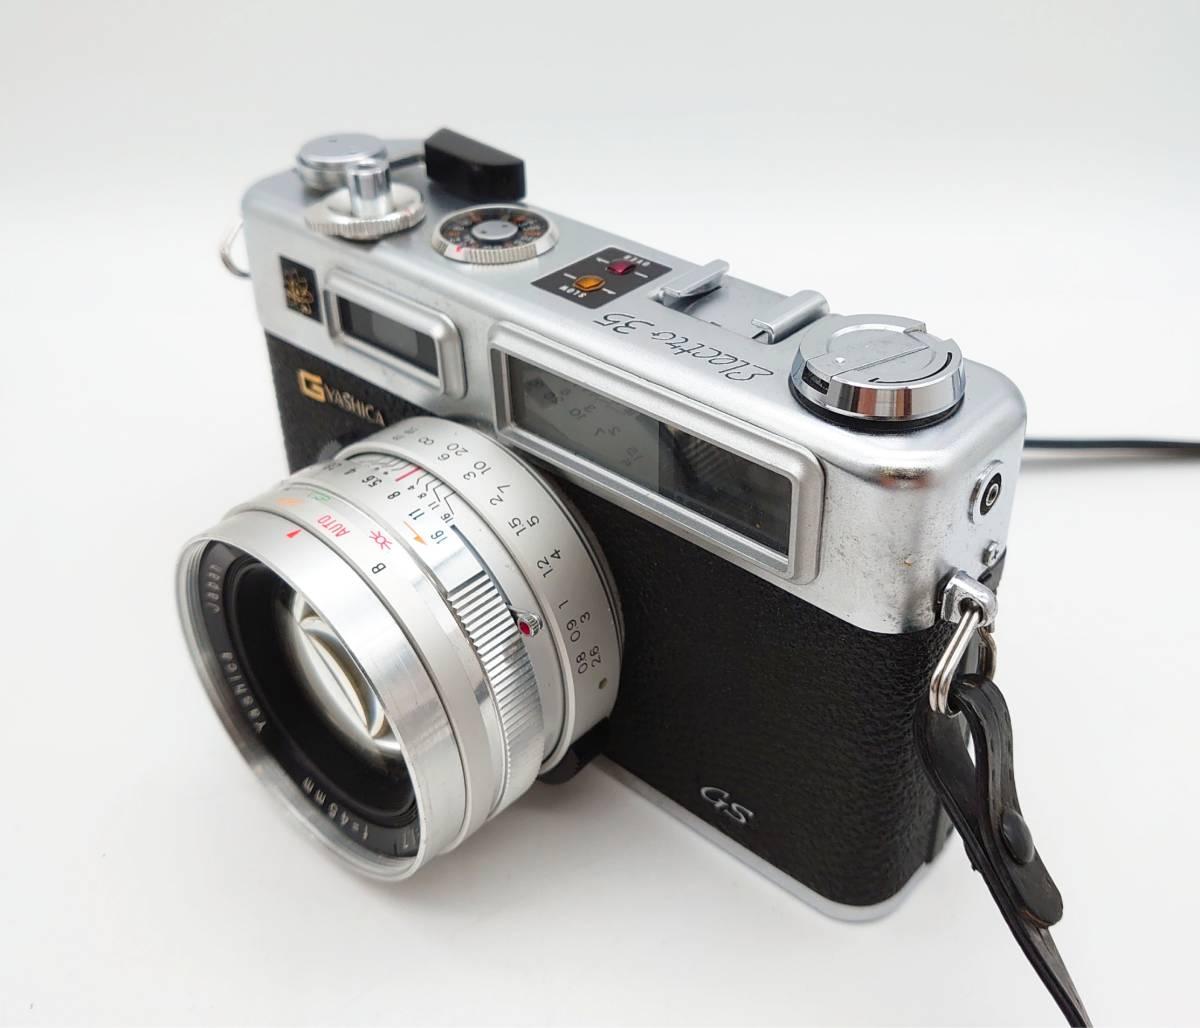 YASHICA ELECTRO35 GS ヤシカ エレクトロ35 GS レンズ 1:1.7 f=45㎜ カメラケース・レンズキャップ・ストラップ付 TT20200606_画像3